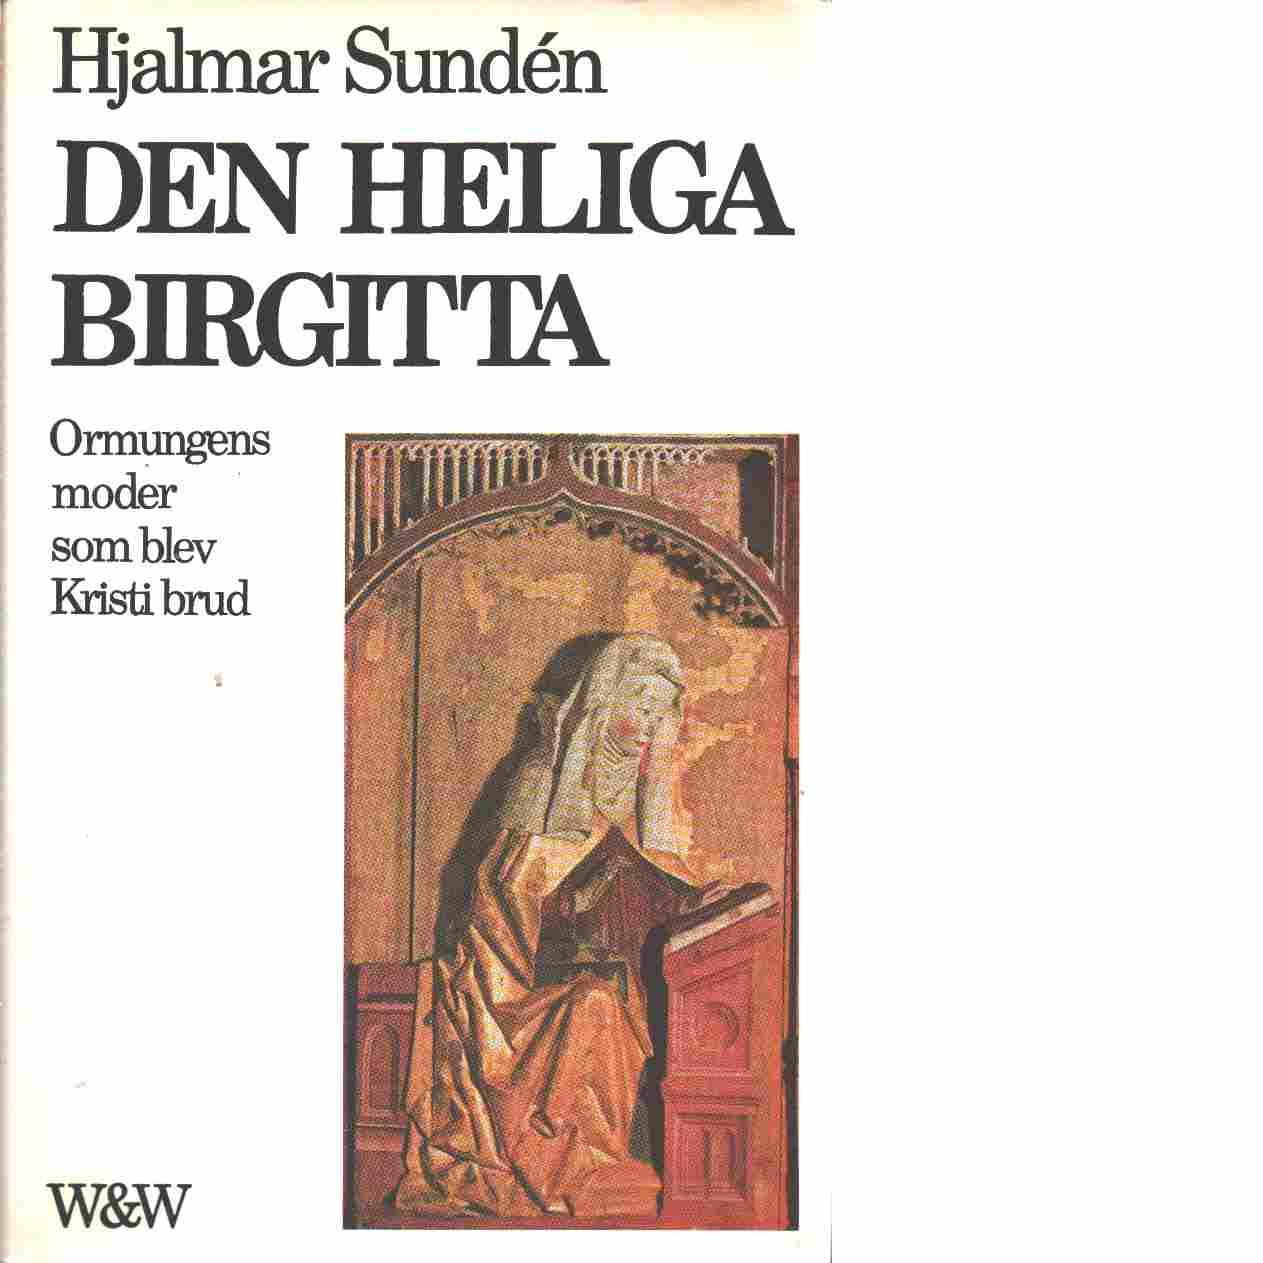 Den heliga Birgitta : ormungens moder som blev Kristi brud - Sundén, Hjalmar